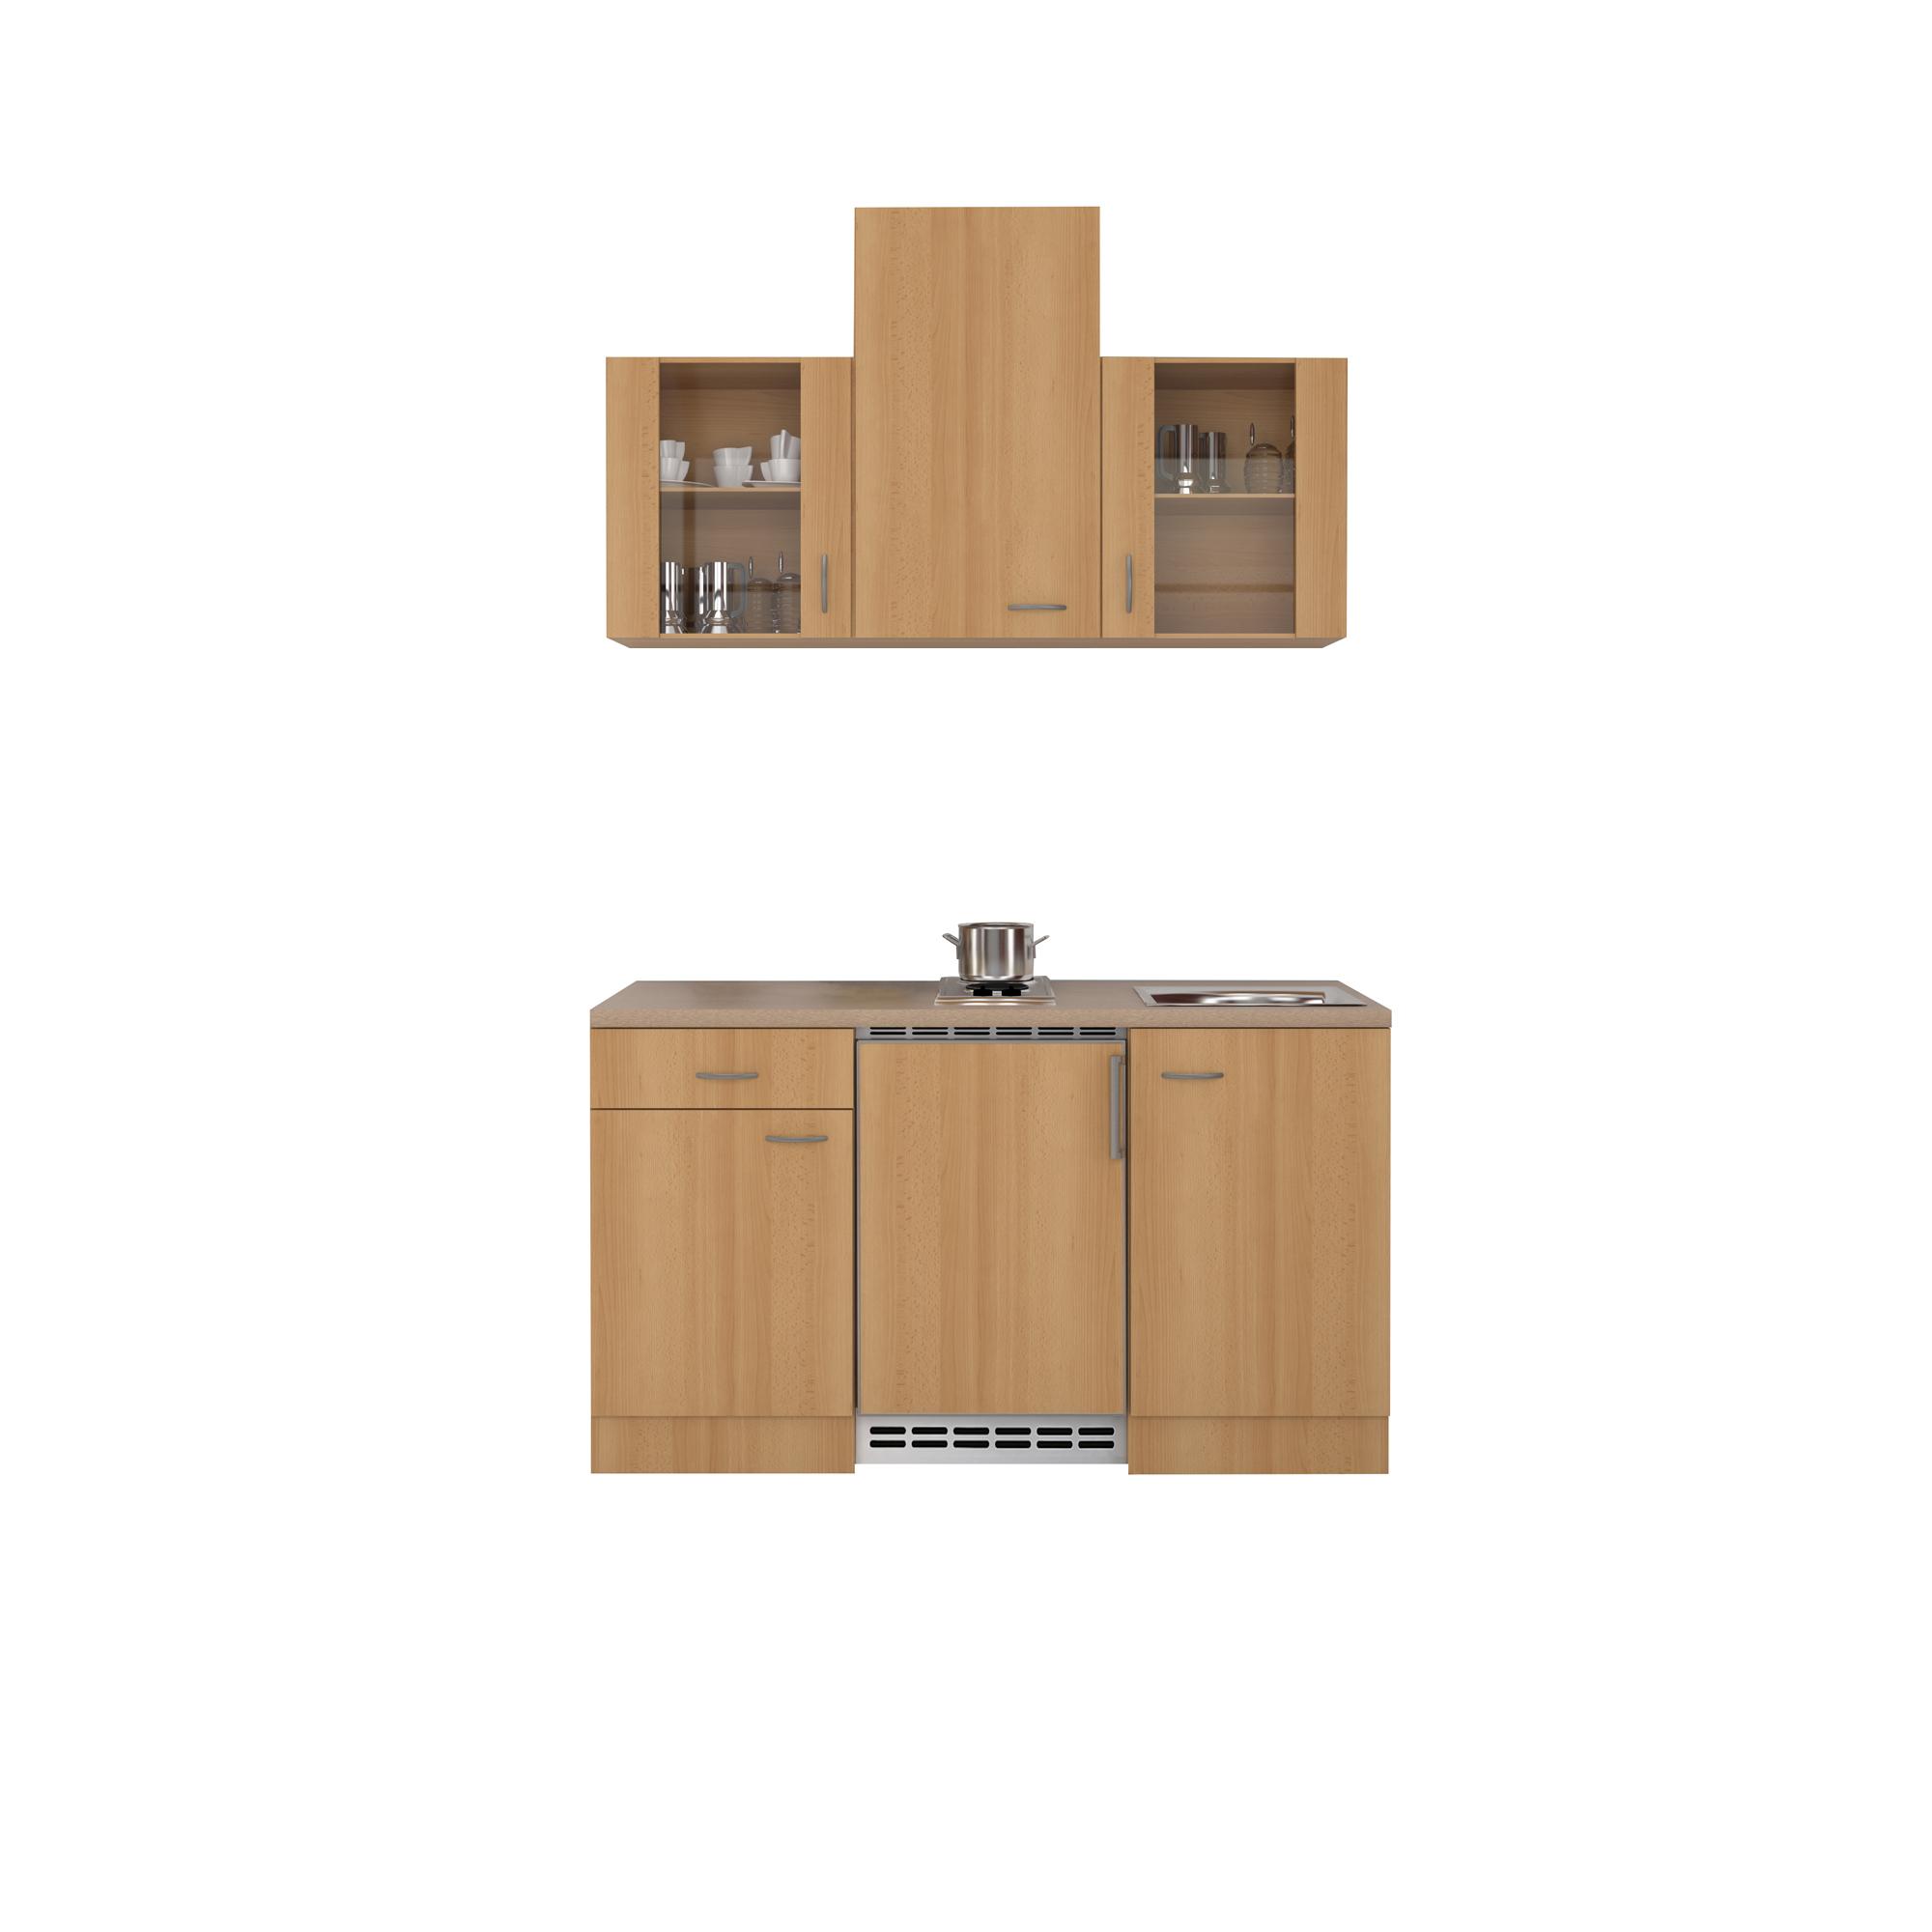 singlek che nano mit 2er elektro kochfeld breite 150 cm buche k che singlek chen. Black Bedroom Furniture Sets. Home Design Ideas